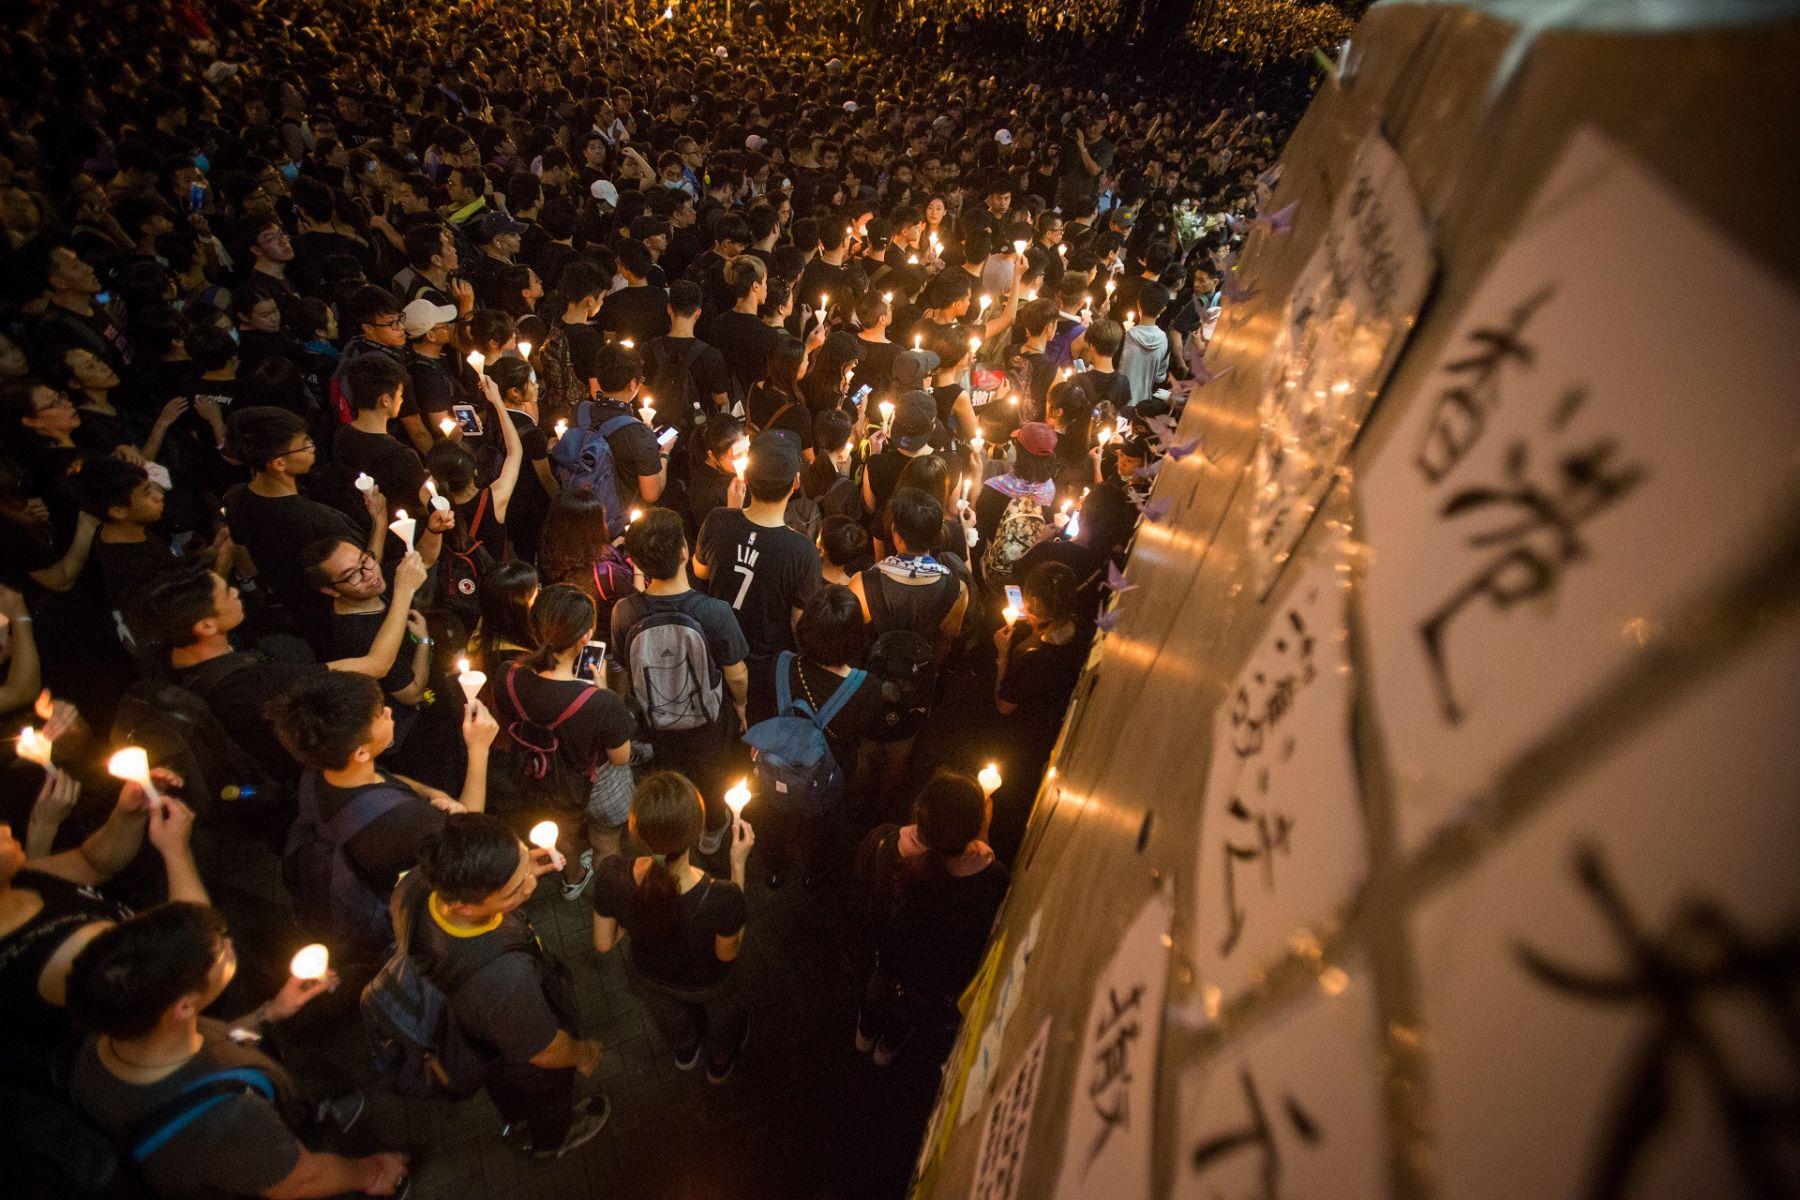 香港人引以為傲的言論自由如今早已蒙上了一層灰照片顯示為反送中遊行現場